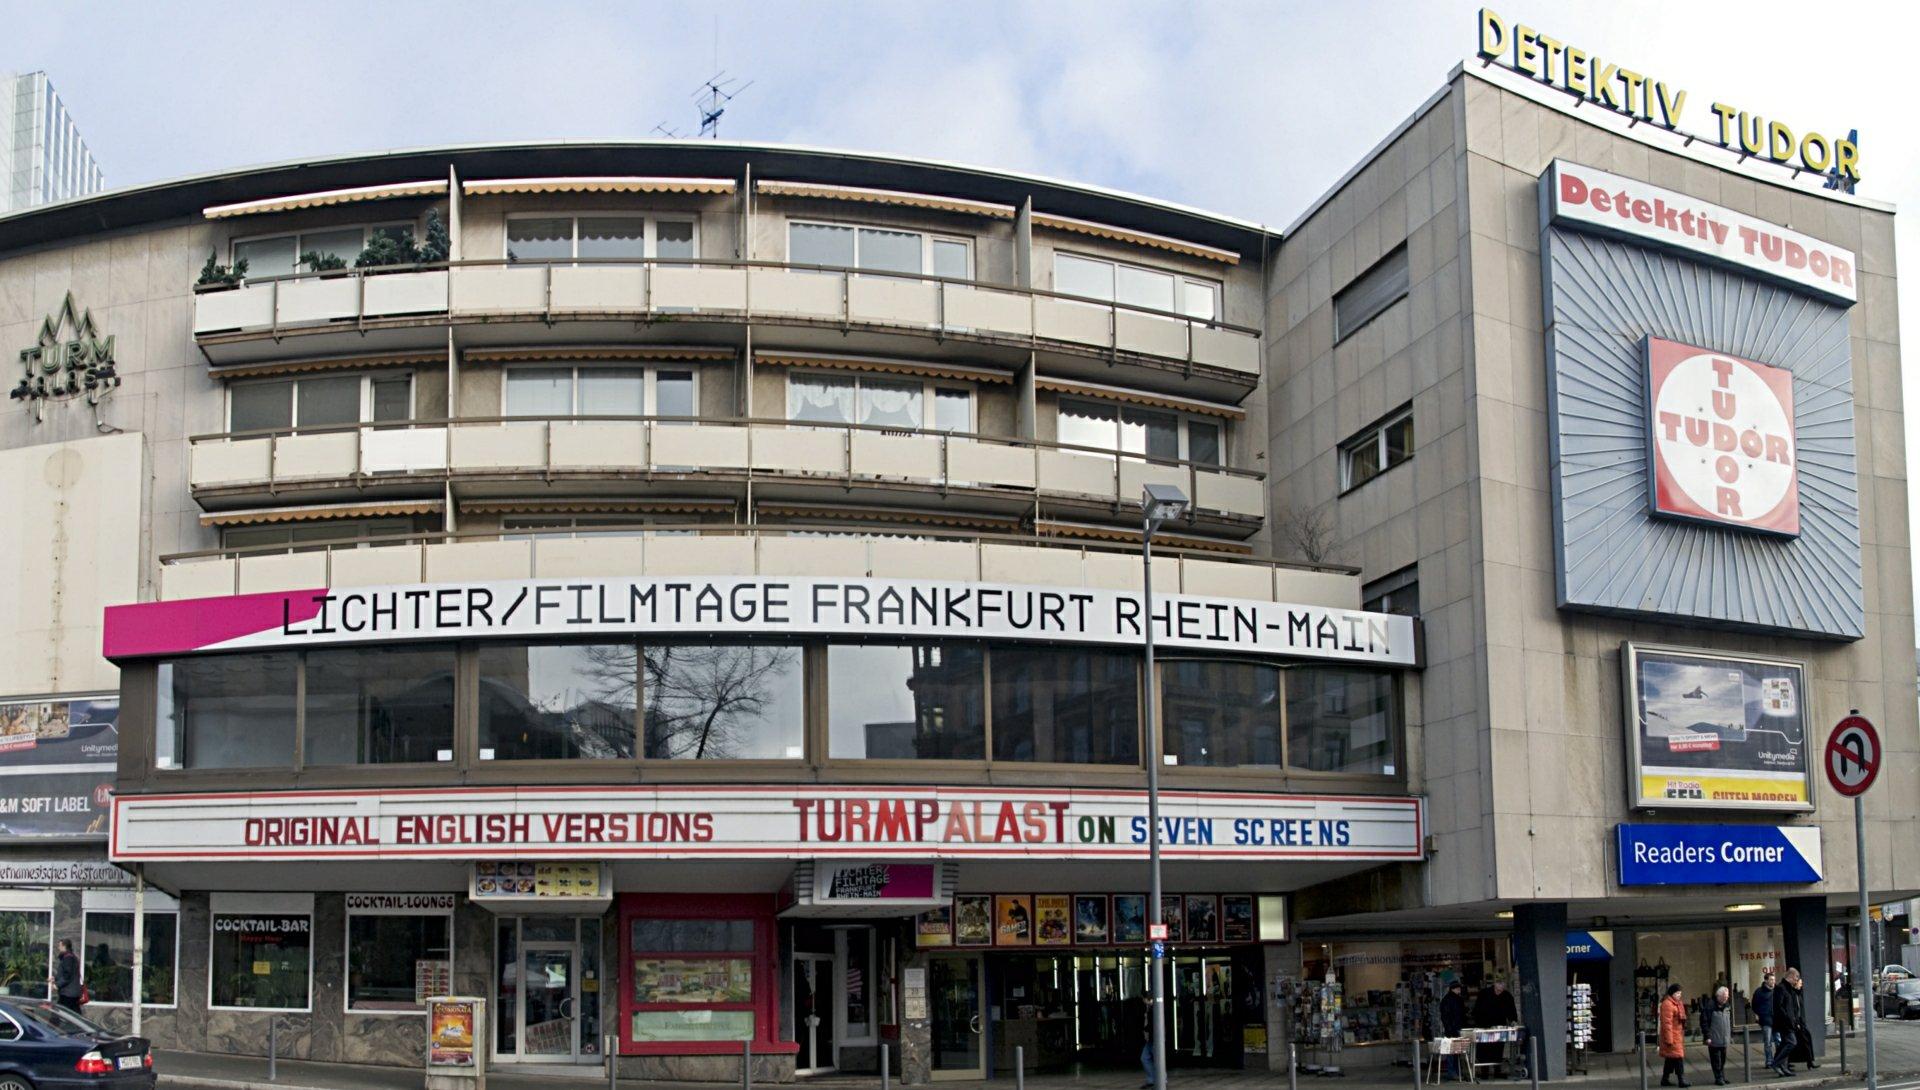 The Turmpalast Cinema, Frankfurt in 2010